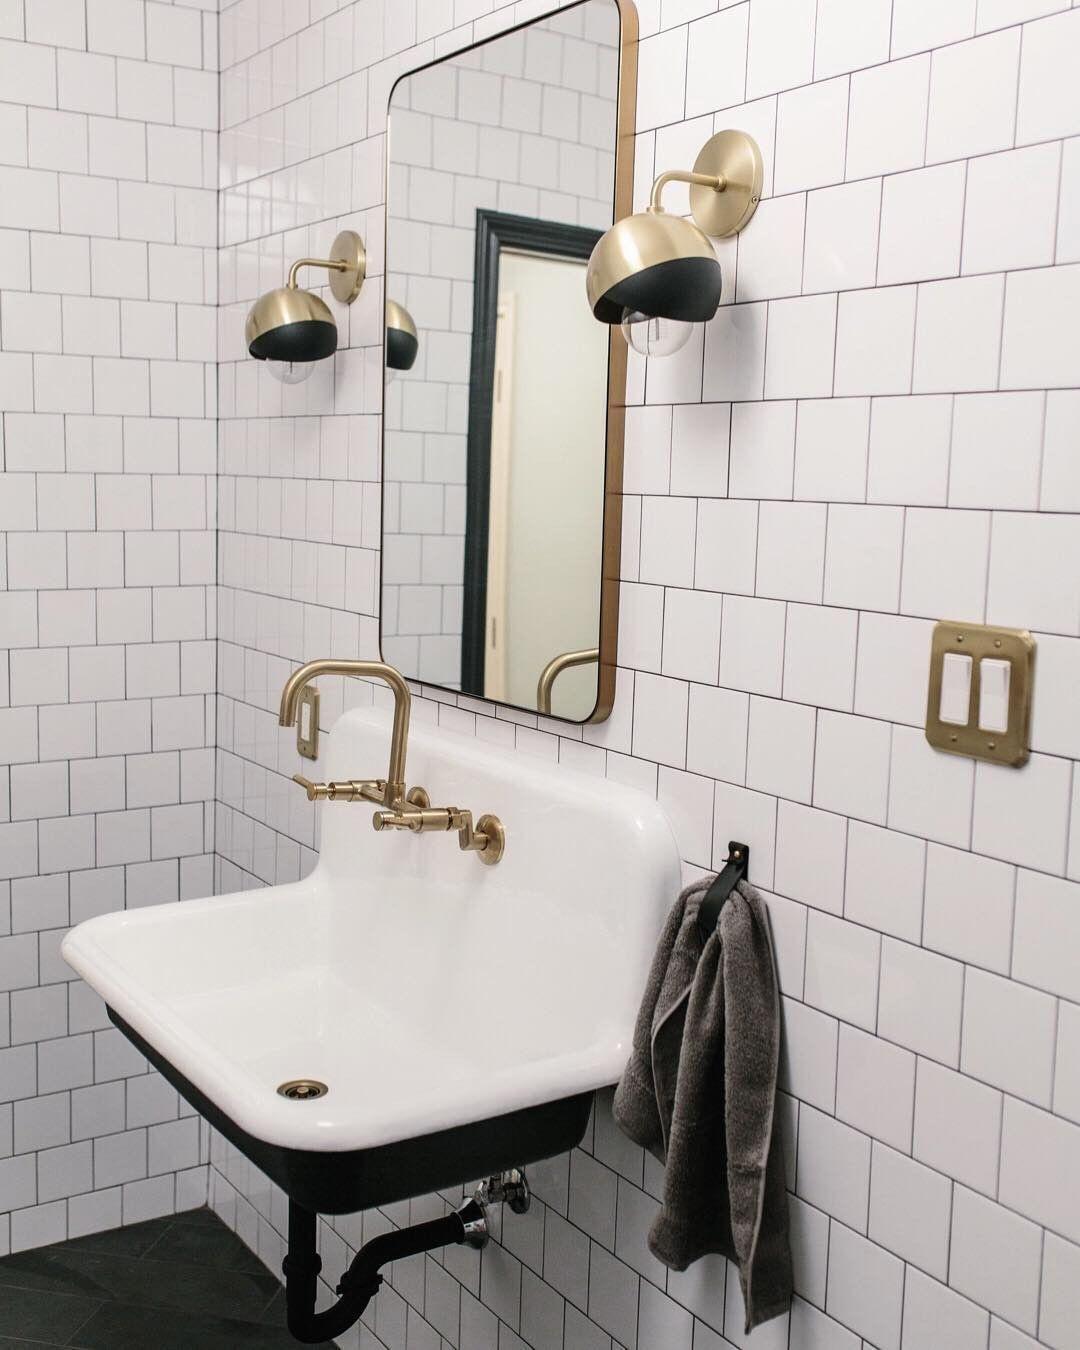 36 Cast Iron High Back Farmhouse Sink Industrial Style Bathroom Bathroom Styling Diy Bathroom